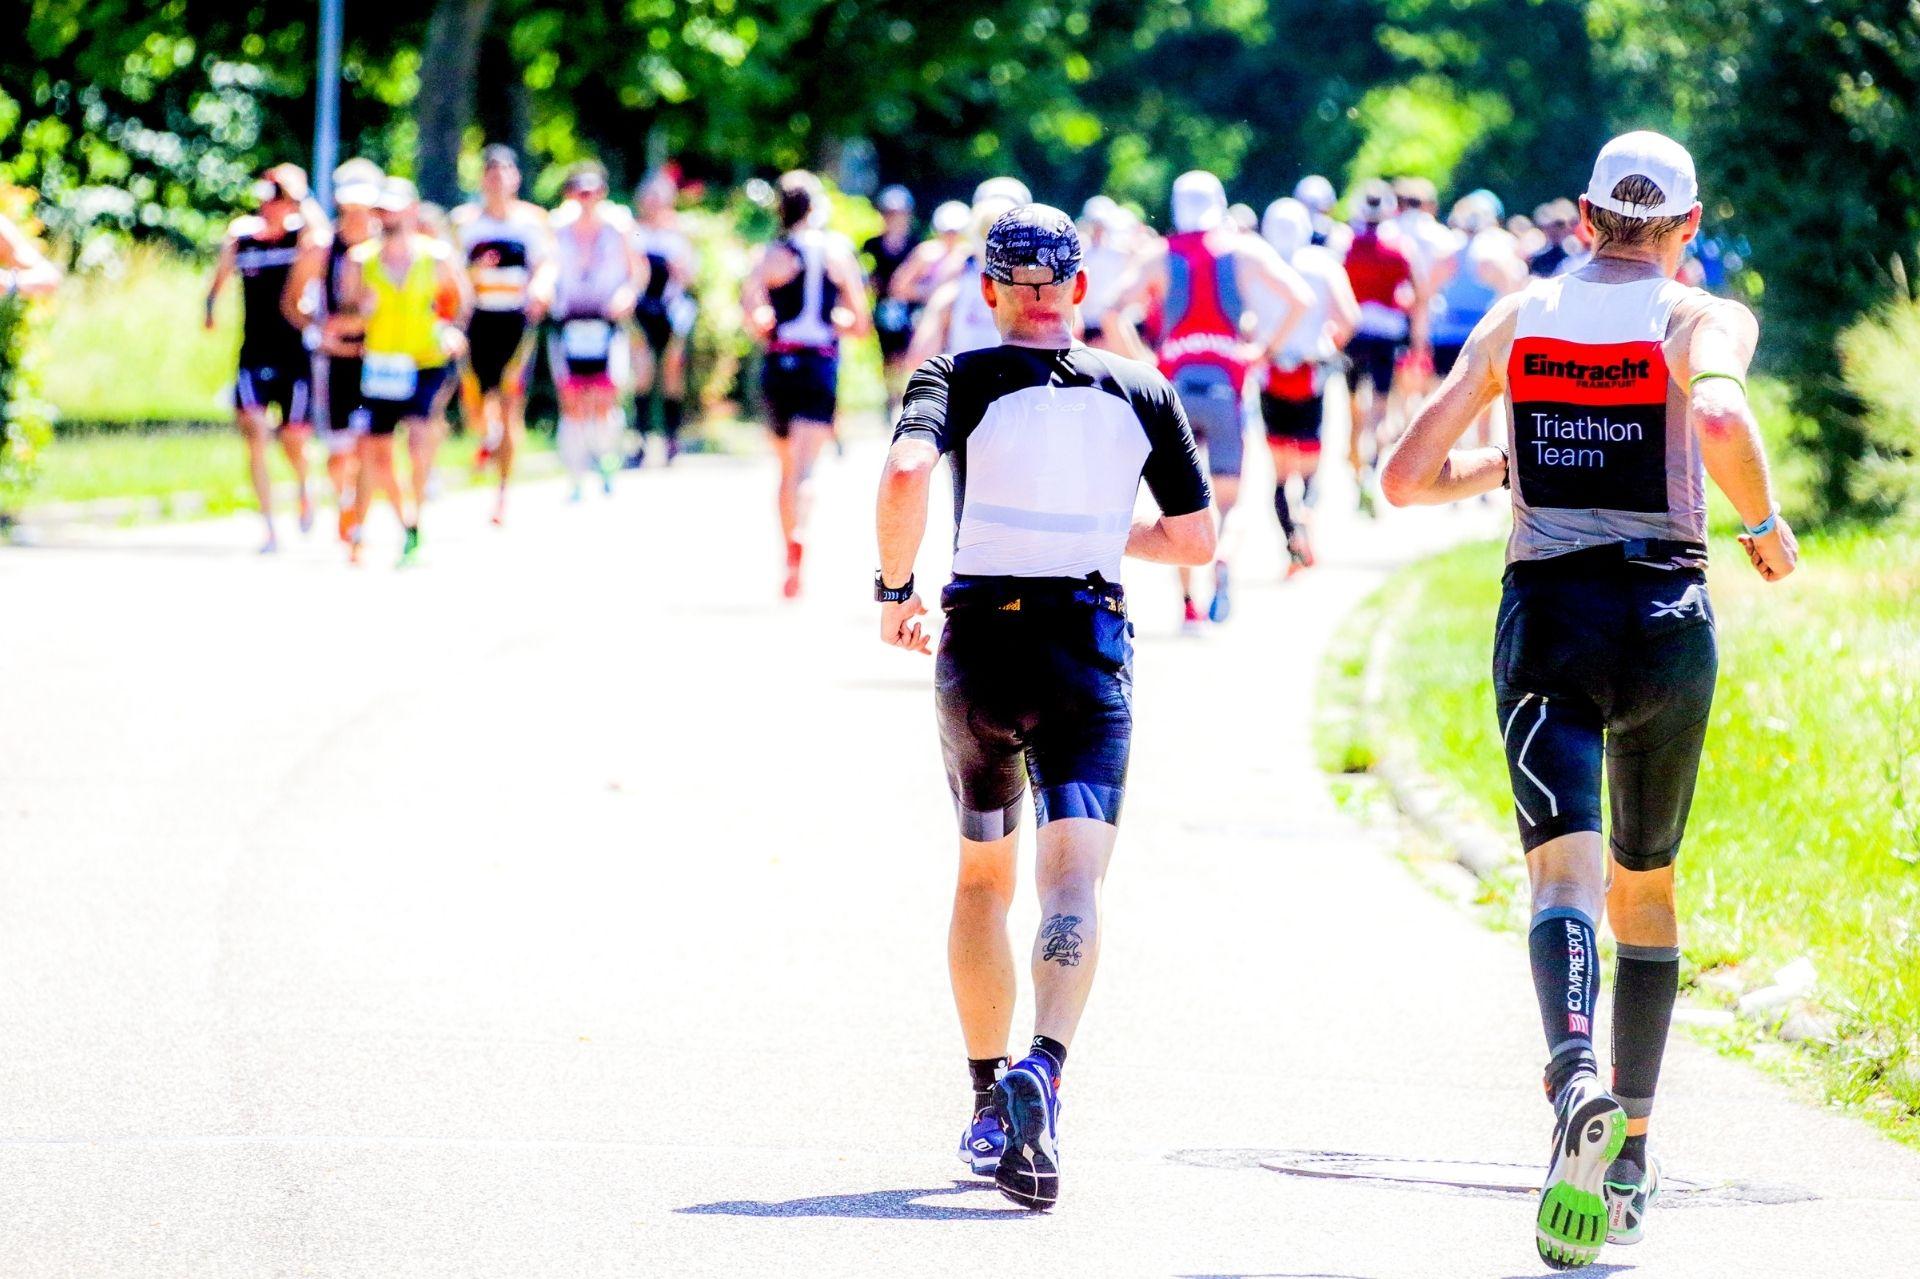 Halbmarathon-Zielzeit auf 3:00:00 erweitert